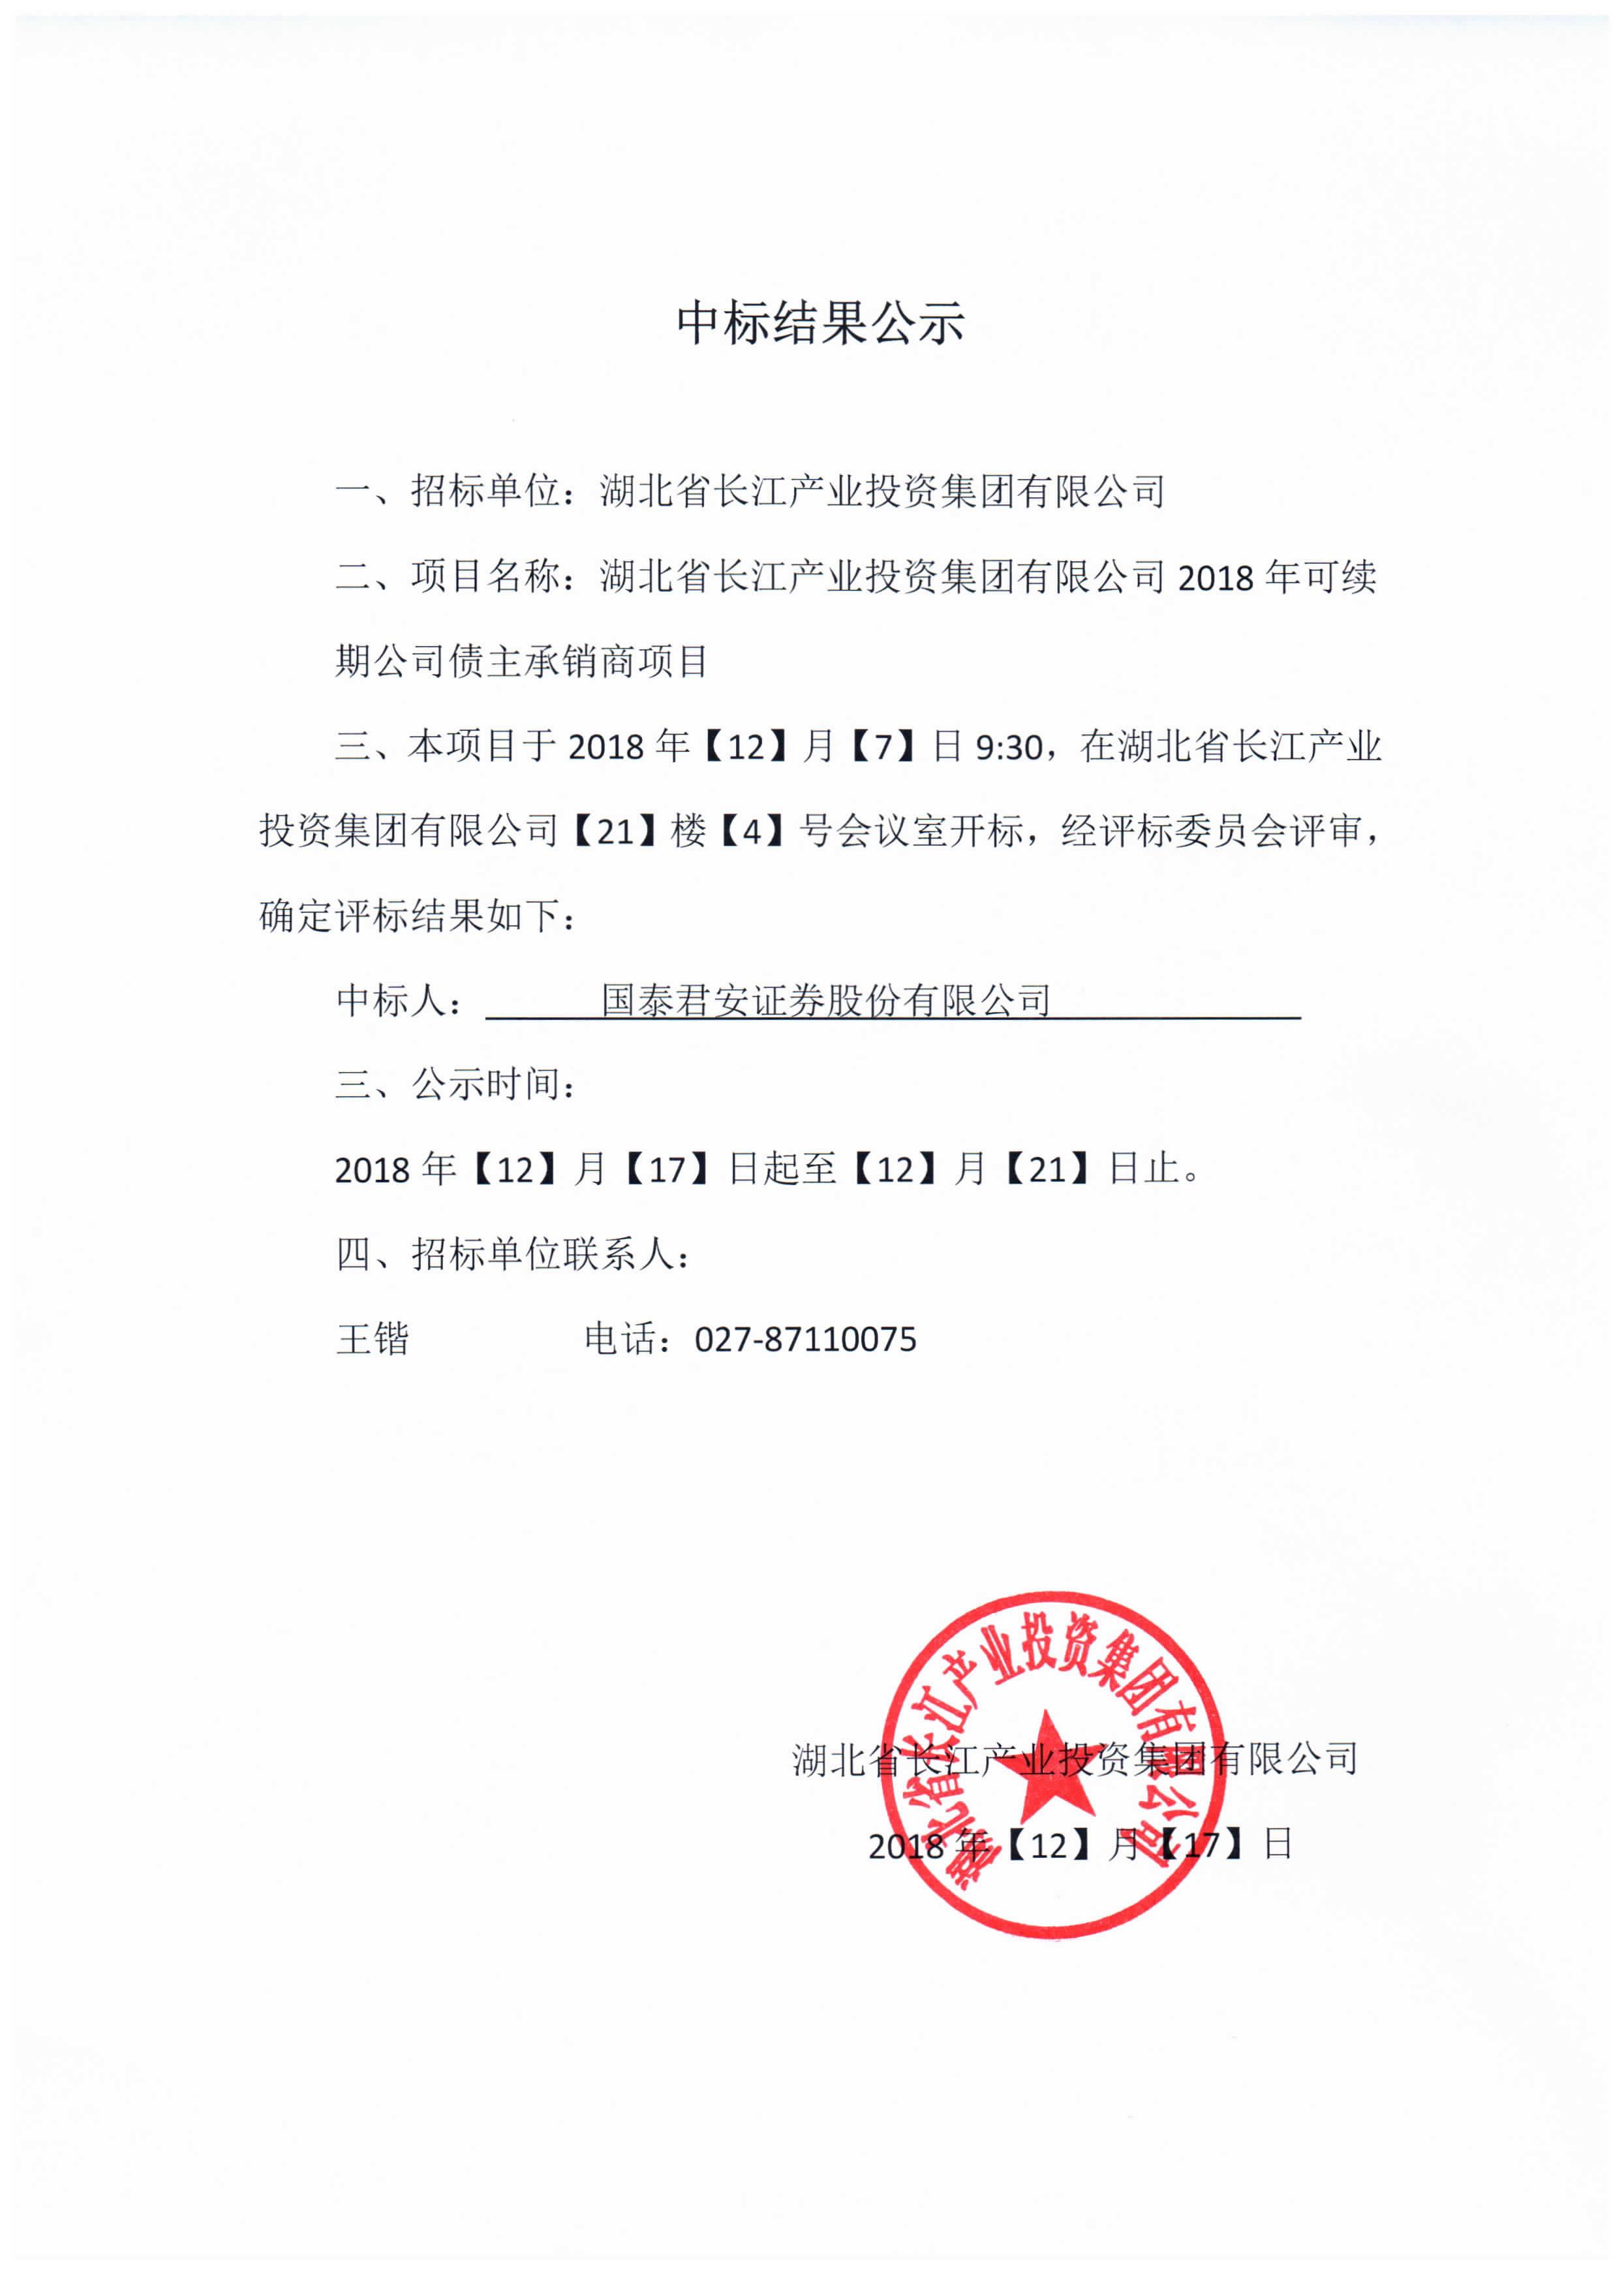 湖北省长江产业投资集团有限公司2018年可续期公司债主承销商项目中标结果公示.jpg